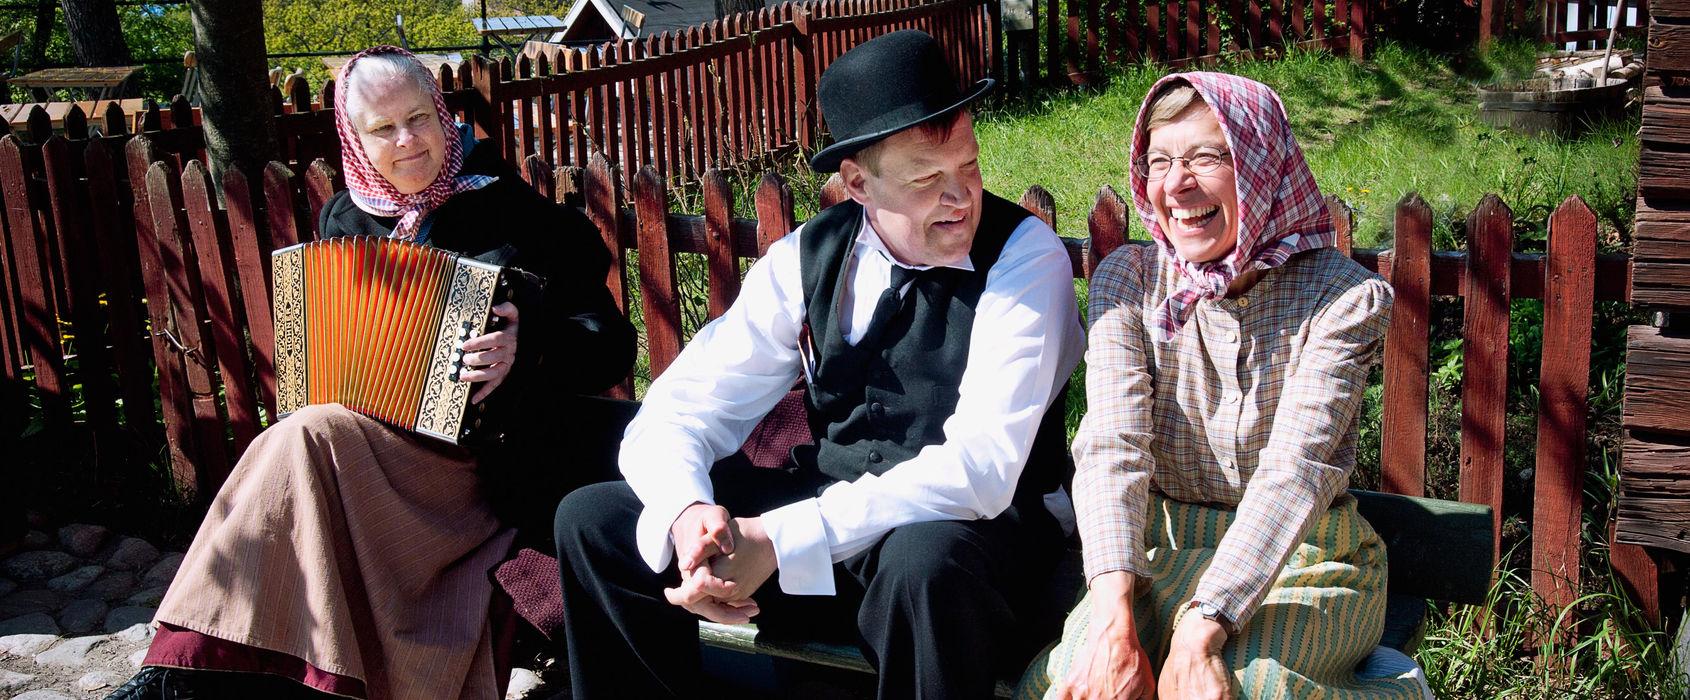 En kvinna sitter på en bänk och spelar dragspel. Bredvid sitter en glad man och en kvinna. Sommartid